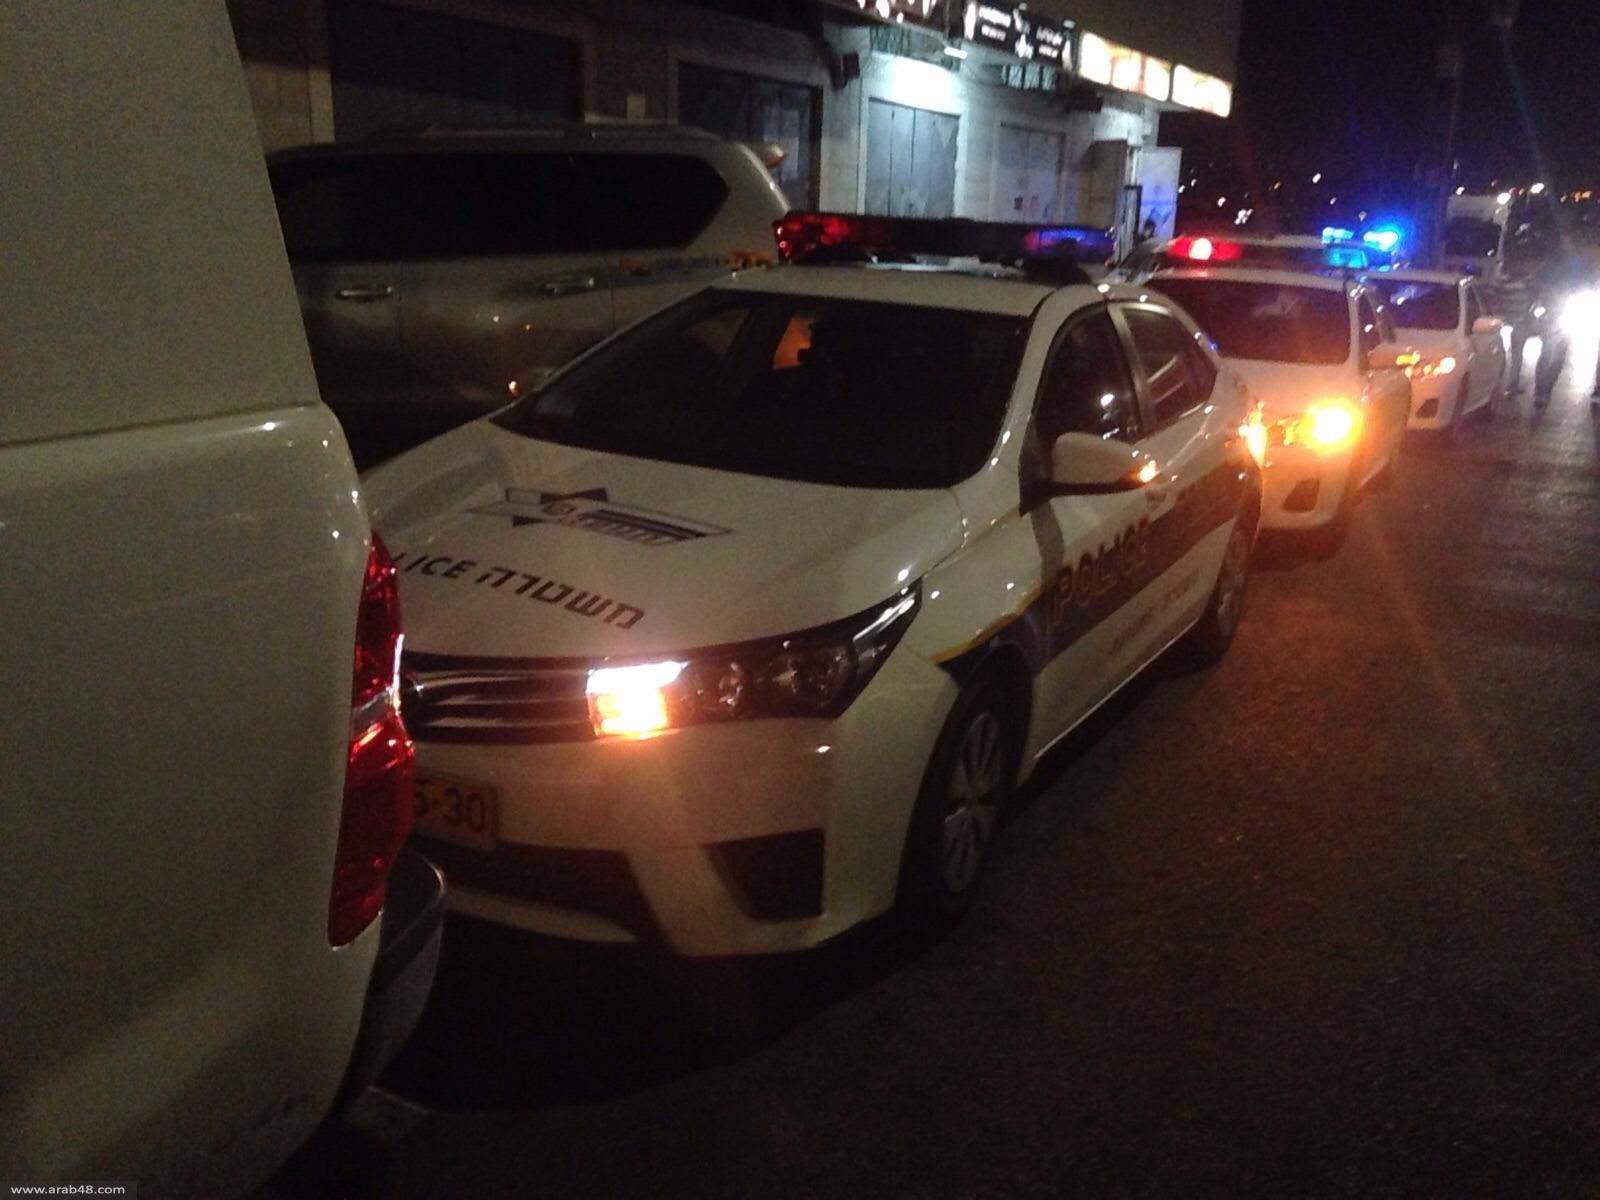 يافة الناصرة: إصابة امرأة وابنتها بإطلاق نار أمام قاعة أفراح